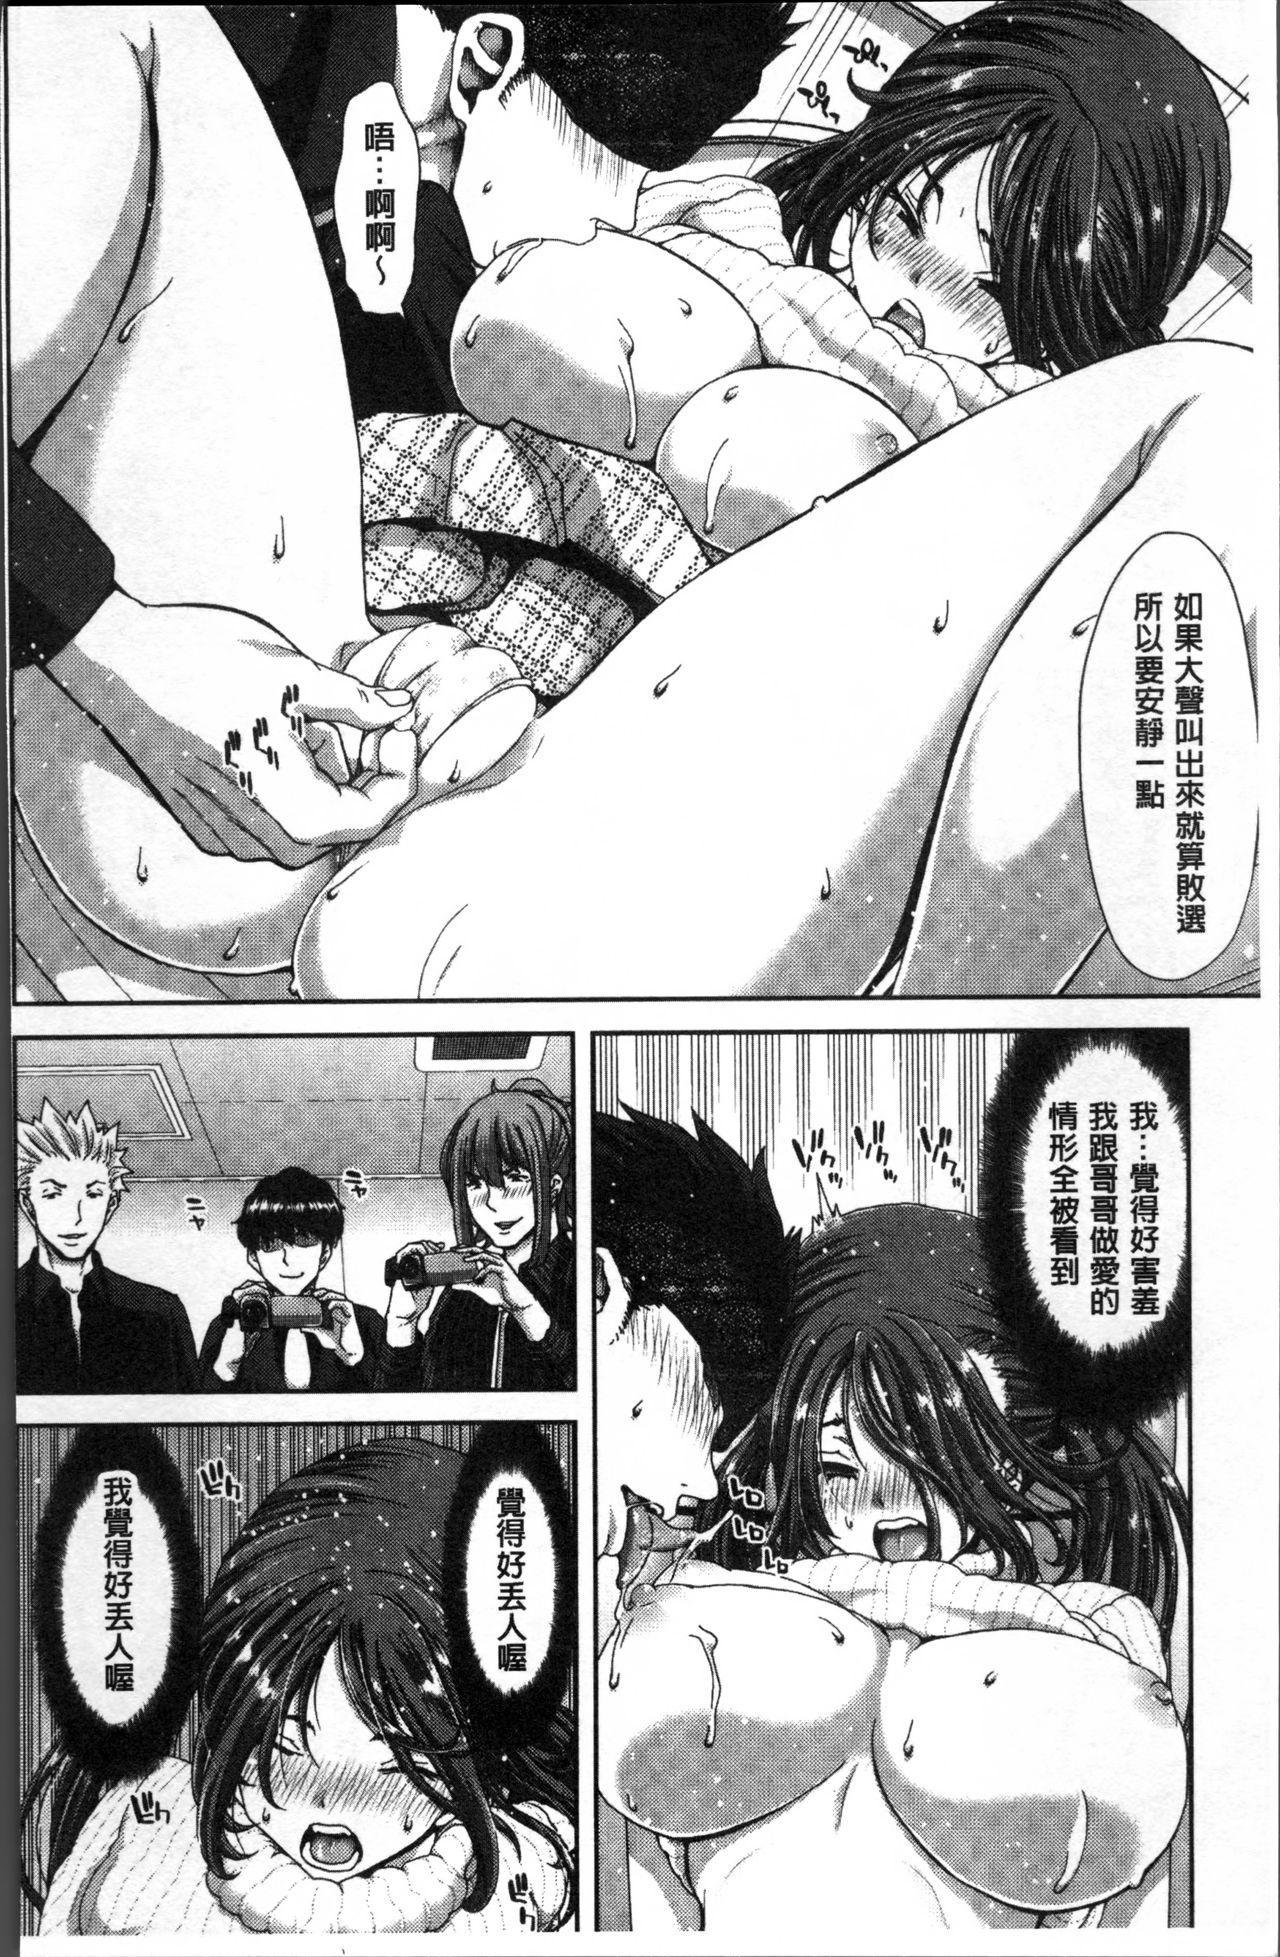 Imouto dakedo Oniichan, H Shiyo! H Shiyo! H Shiyou yo! 172